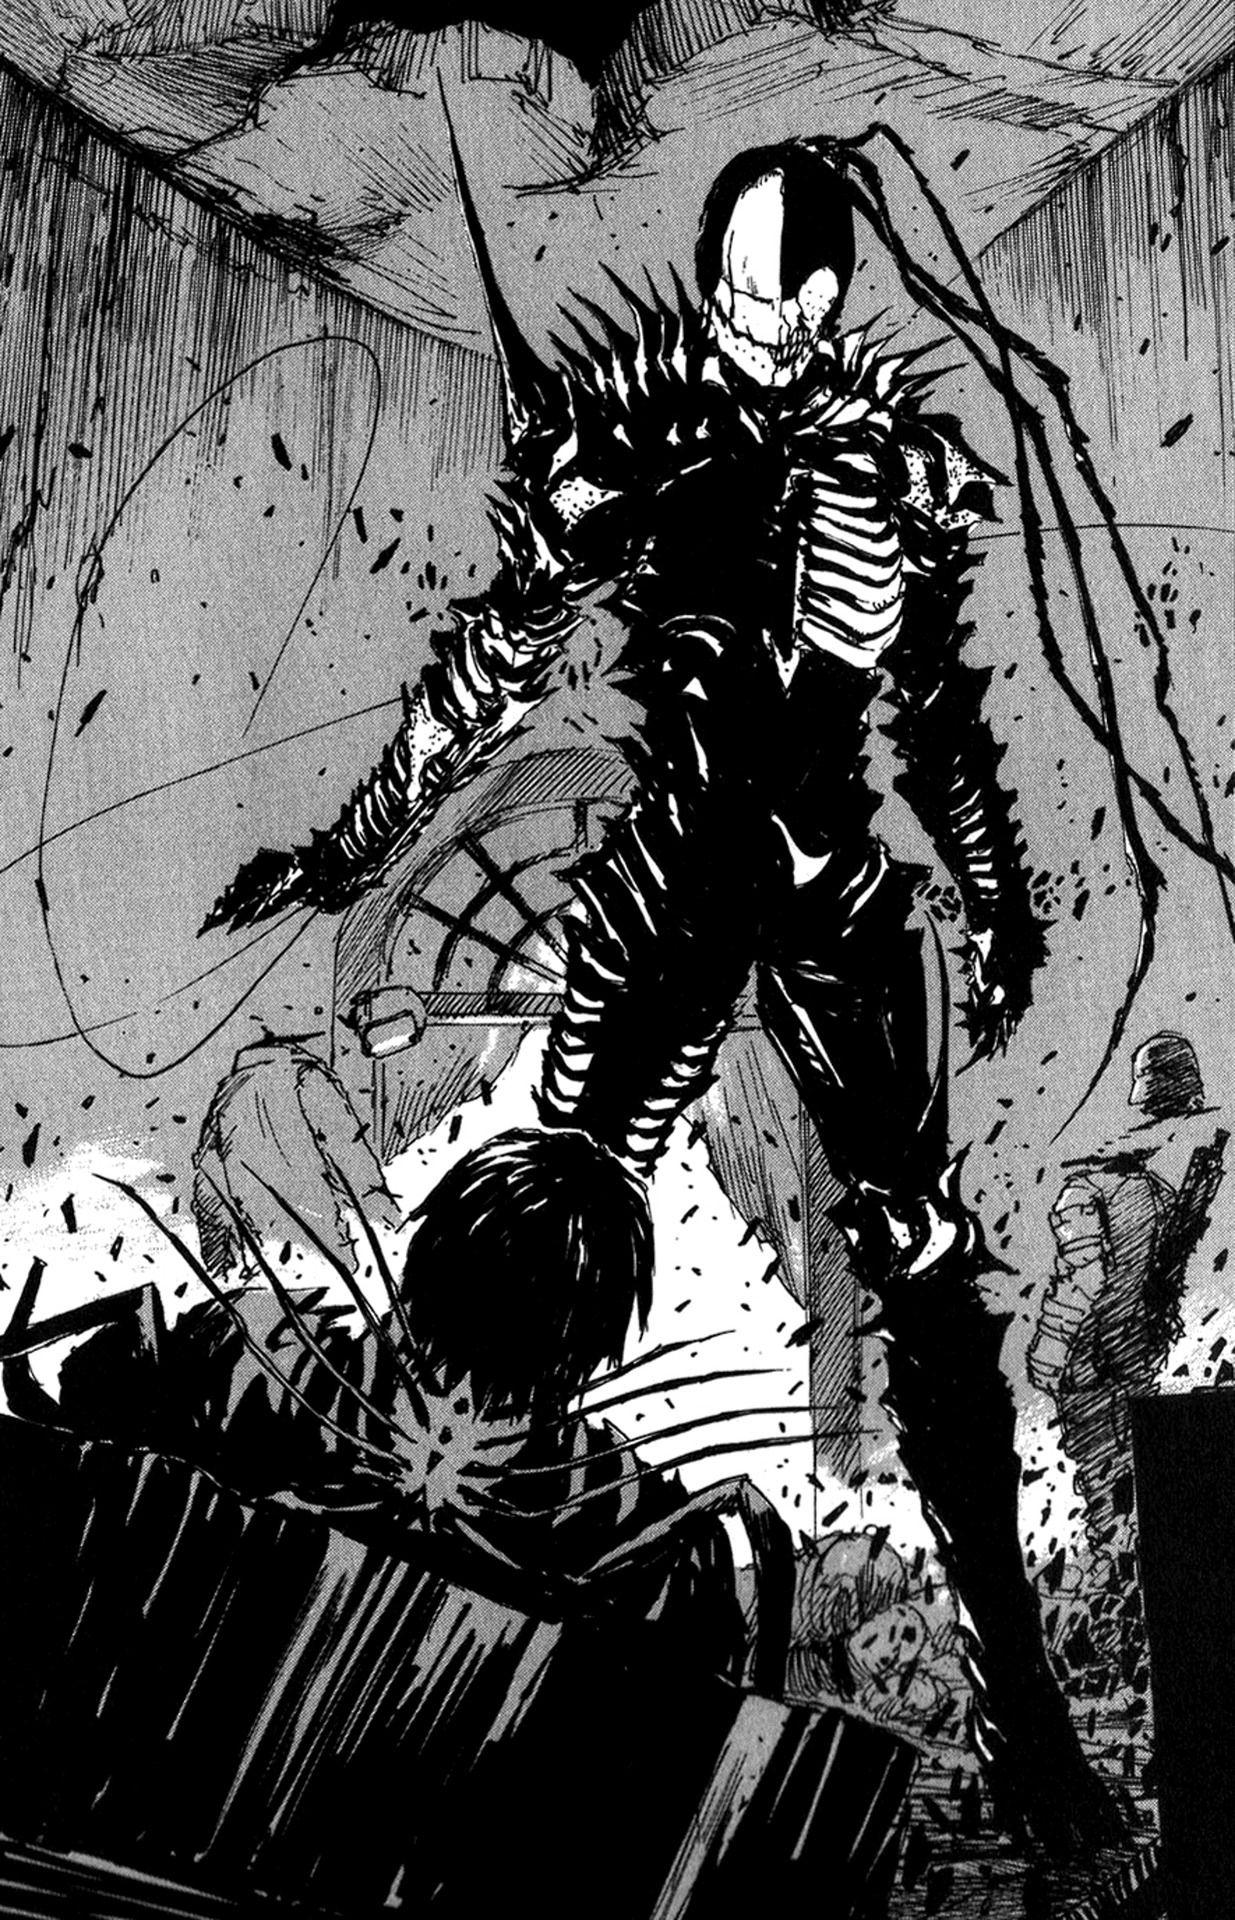 Abara アバラ Tsutomu Nihei (With images) Manga artist, Dark